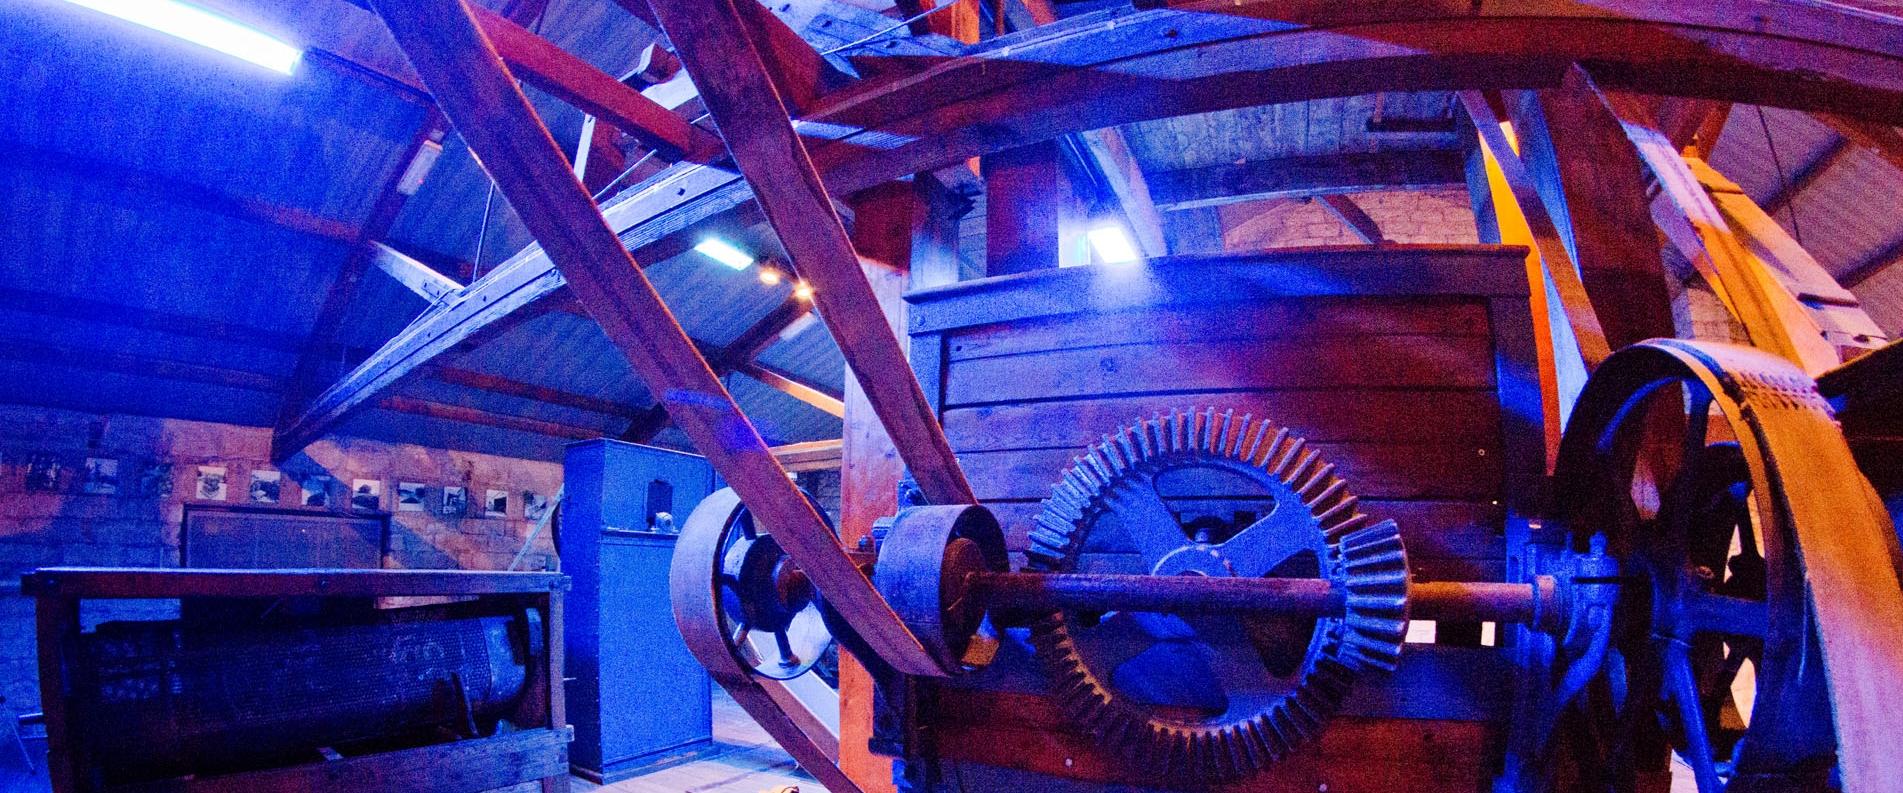 Музей рожкового дерева Carob Mill в Лимассоле, фоторепортаж